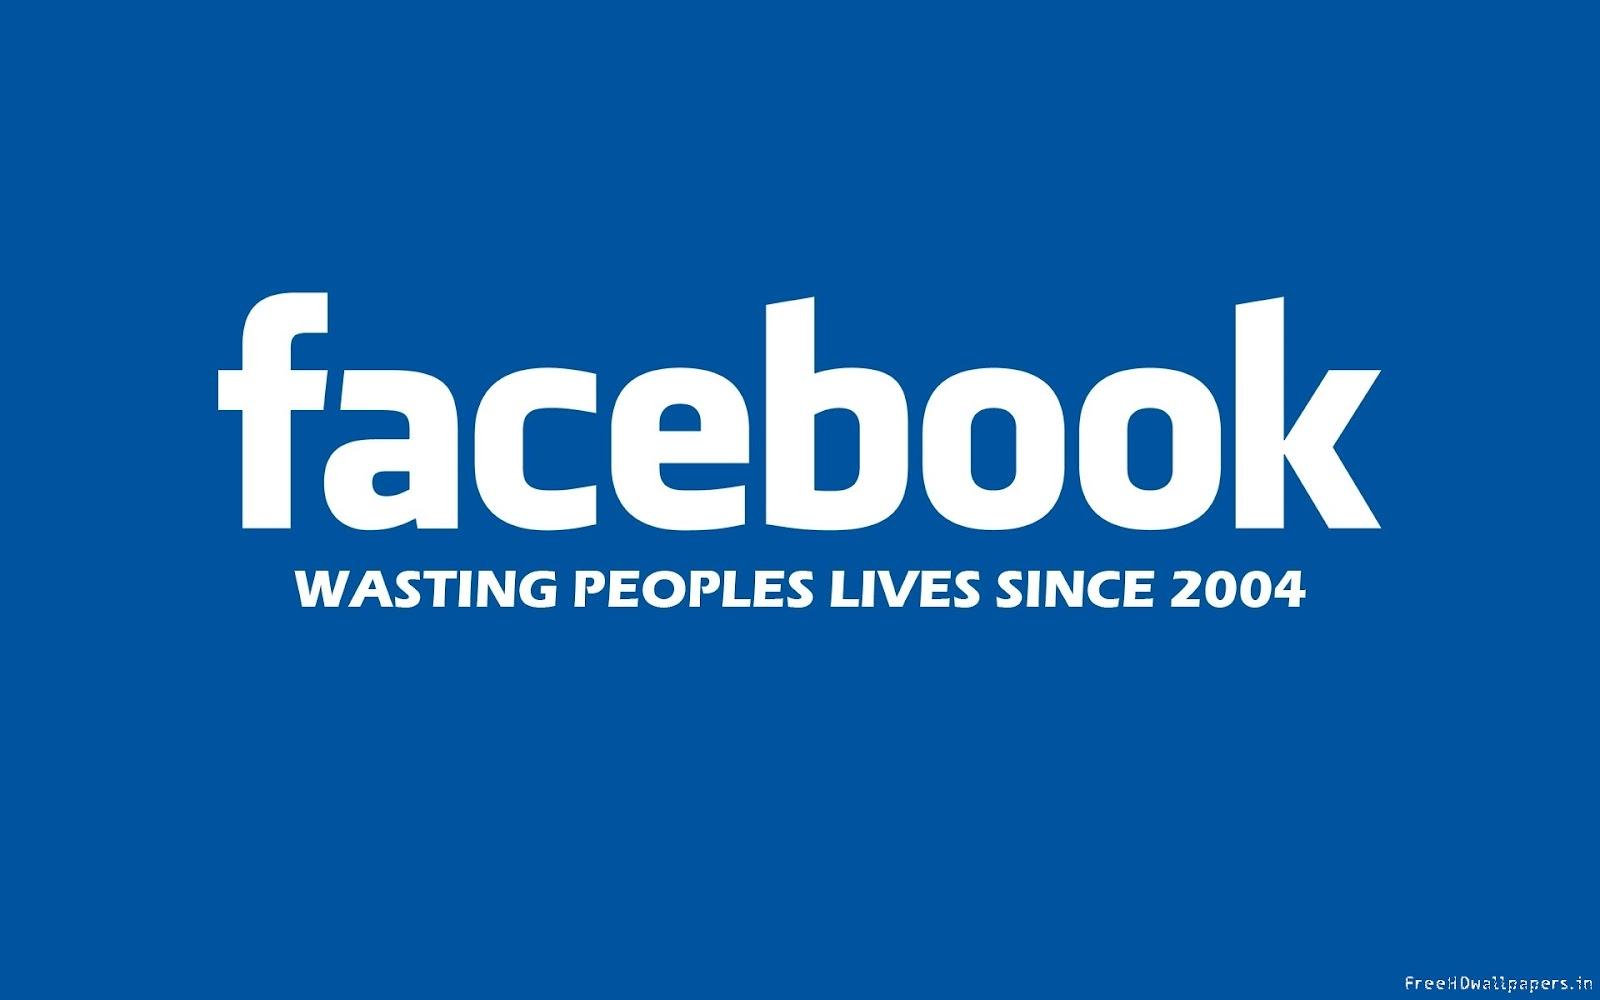 http://3.bp.blogspot.com/--pjtyV3os8Q/T5cE-yBFd-I/AAAAAAAAEYI/K4uBRo2xG88/s1600/facebook-logo-wallpaper-1920x1200.jpg